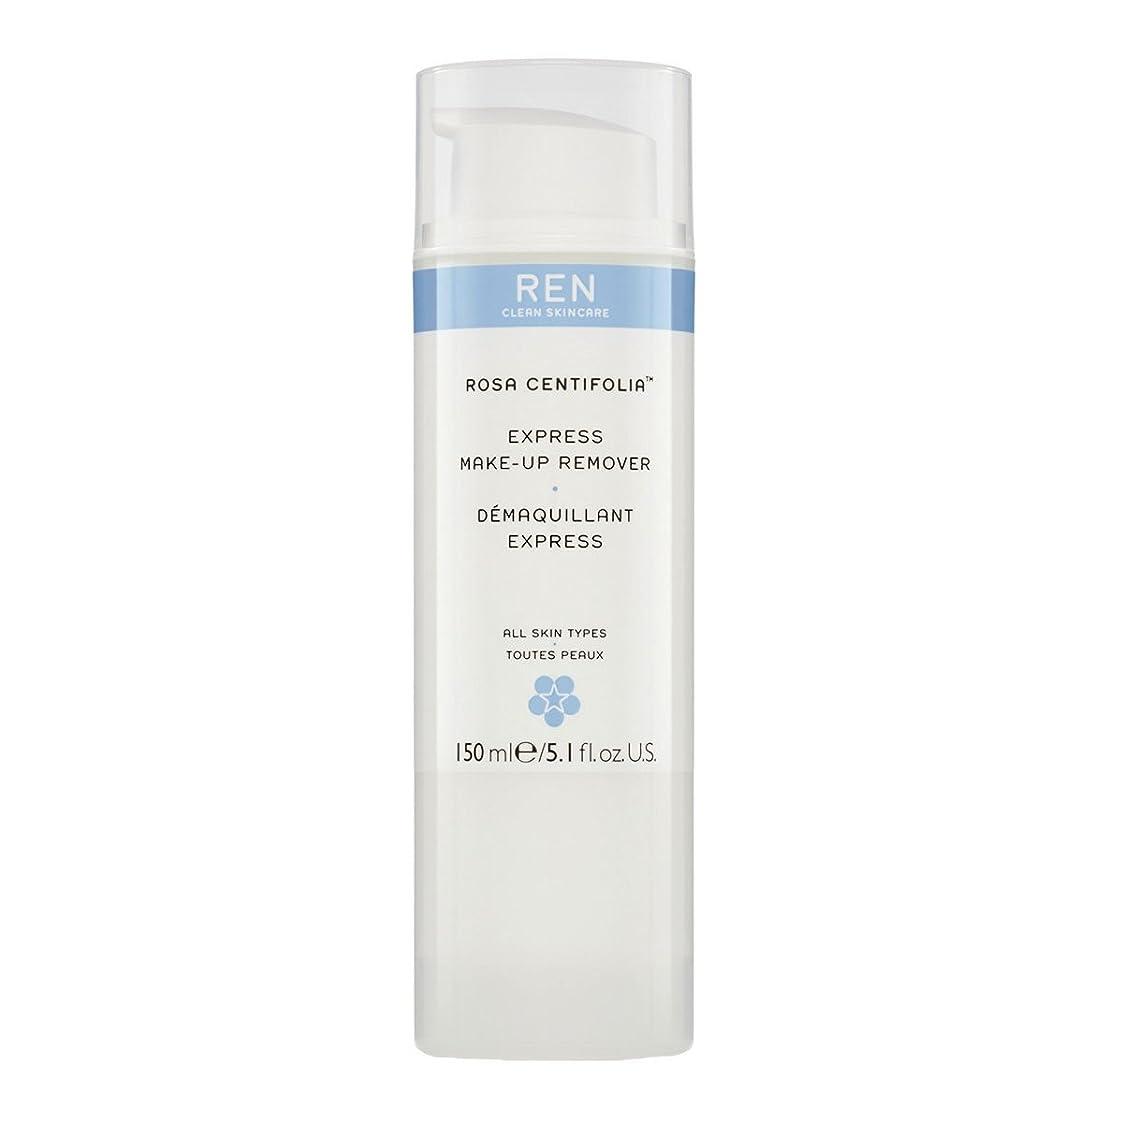 アトム項目慣れるRen Rosa Centifolia Express Make-Up Remover (並行輸入品) [並行輸入品]